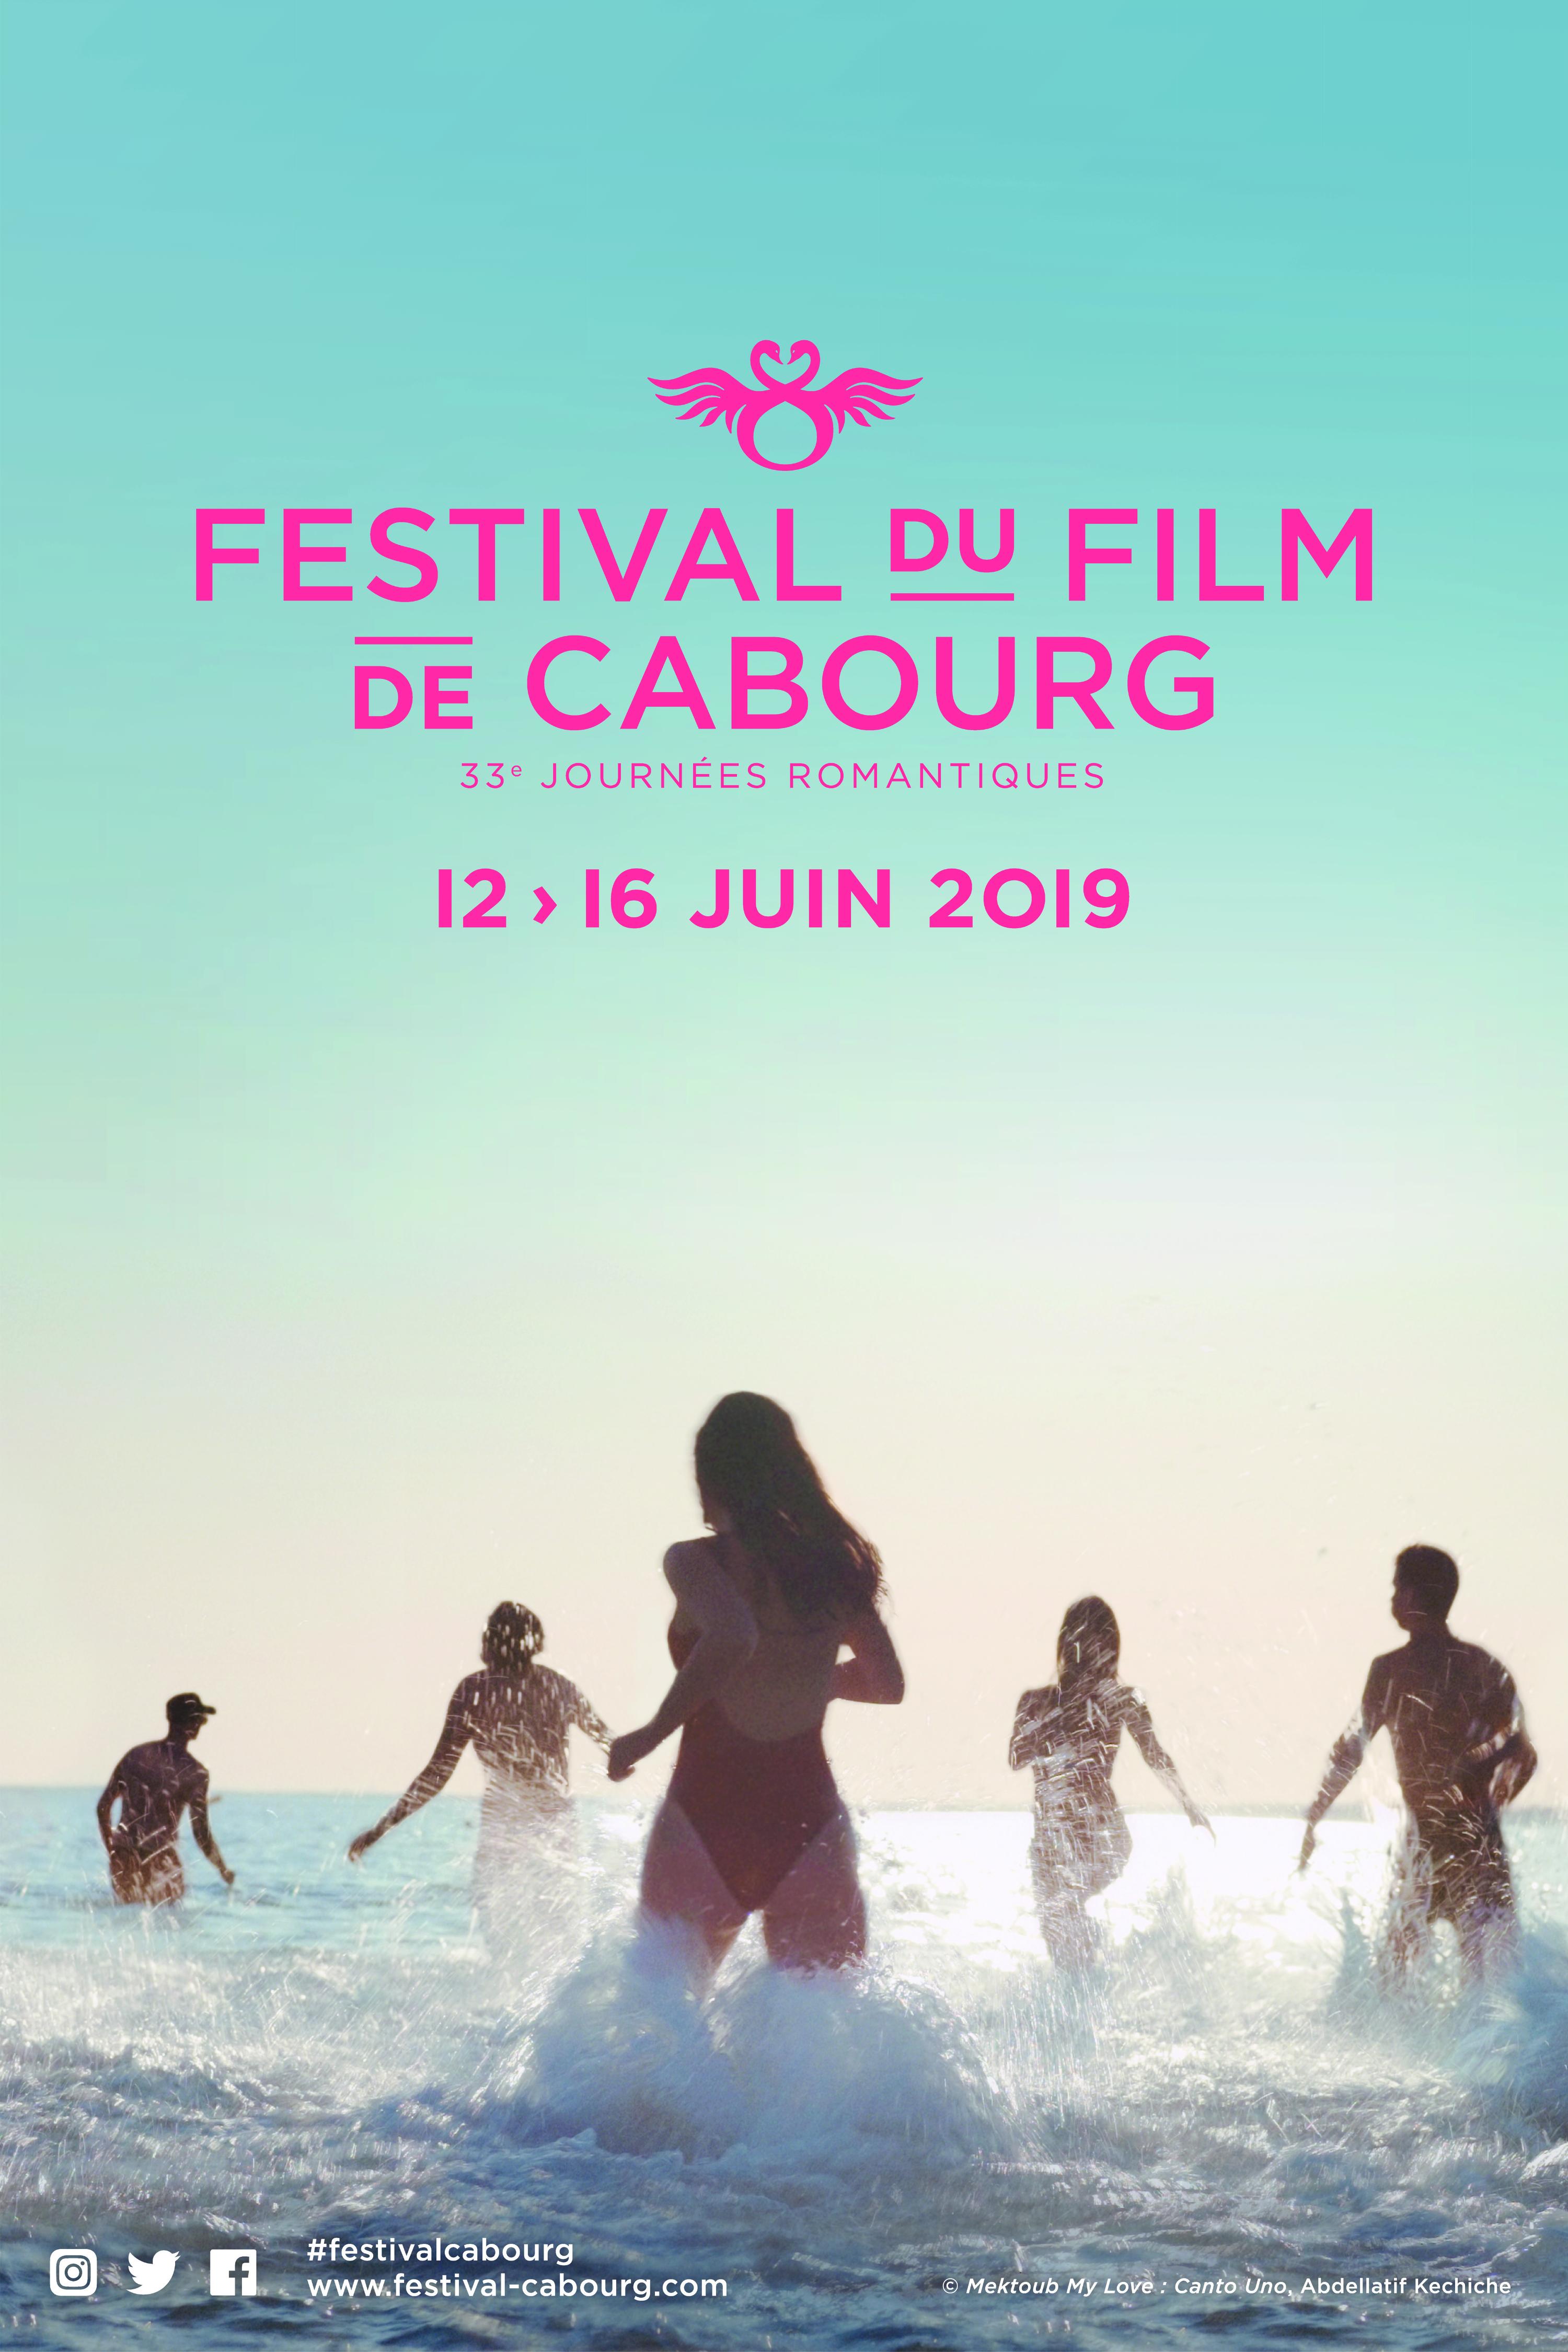 Affiche des 33e Journées romantiques du Festival du Film de Cabourg - JPG HD